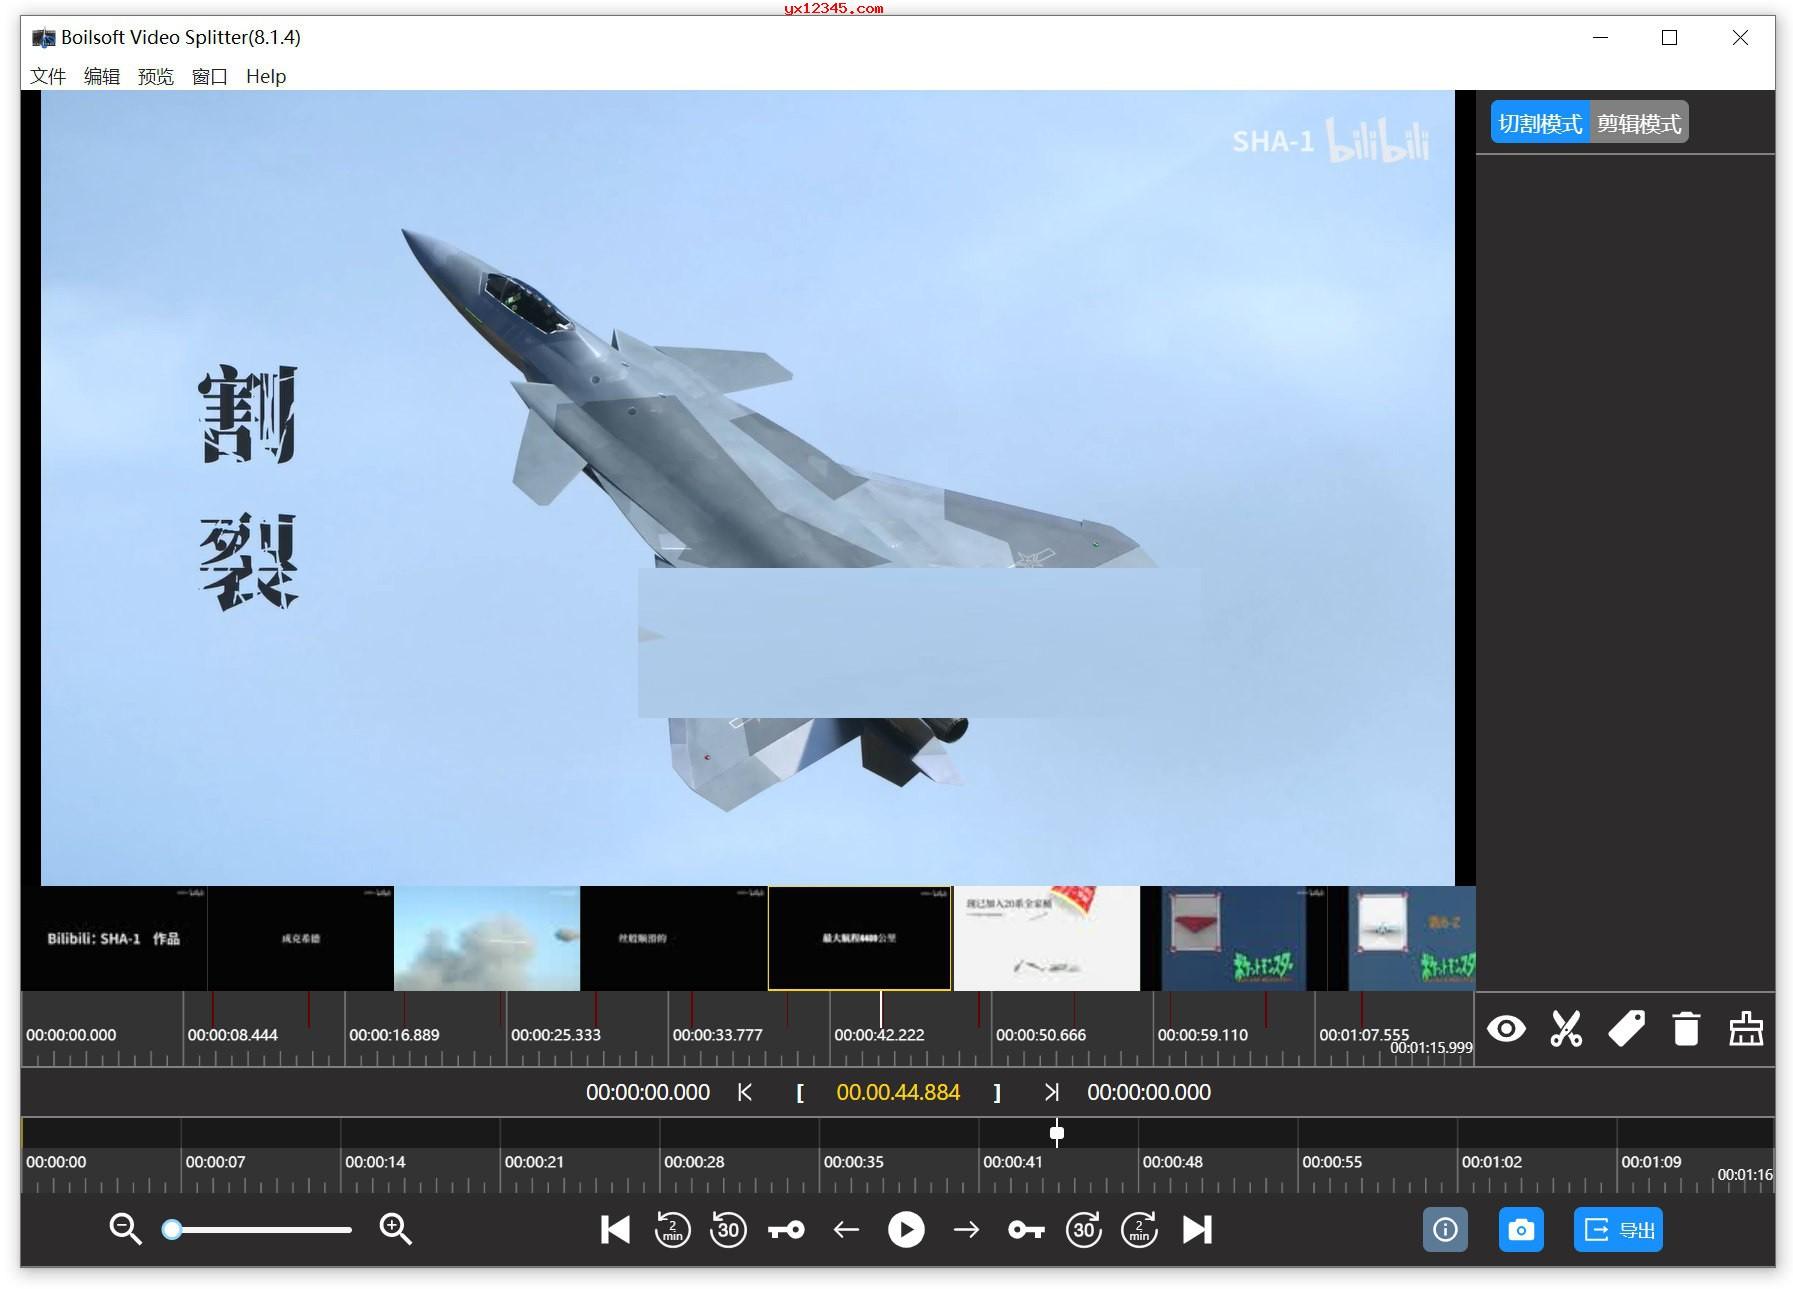 Boilsoft Video Splitter操作界面截图